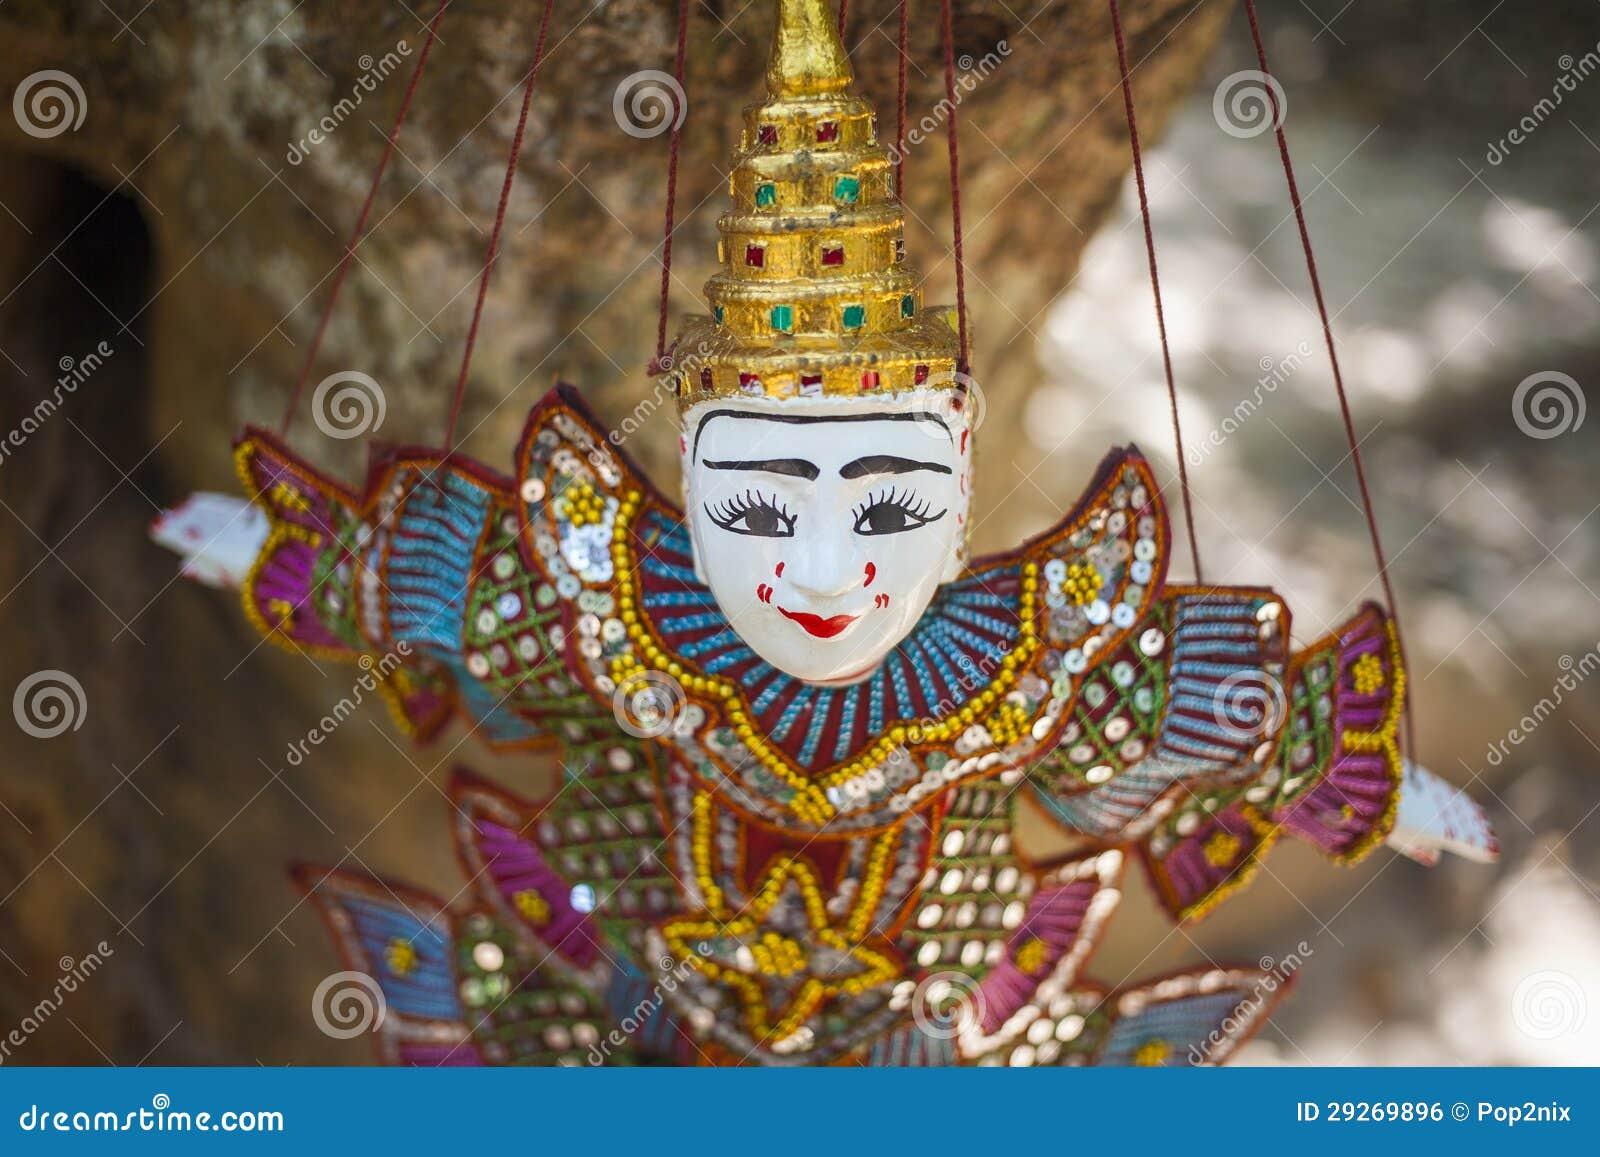 Puppet s Cambodia